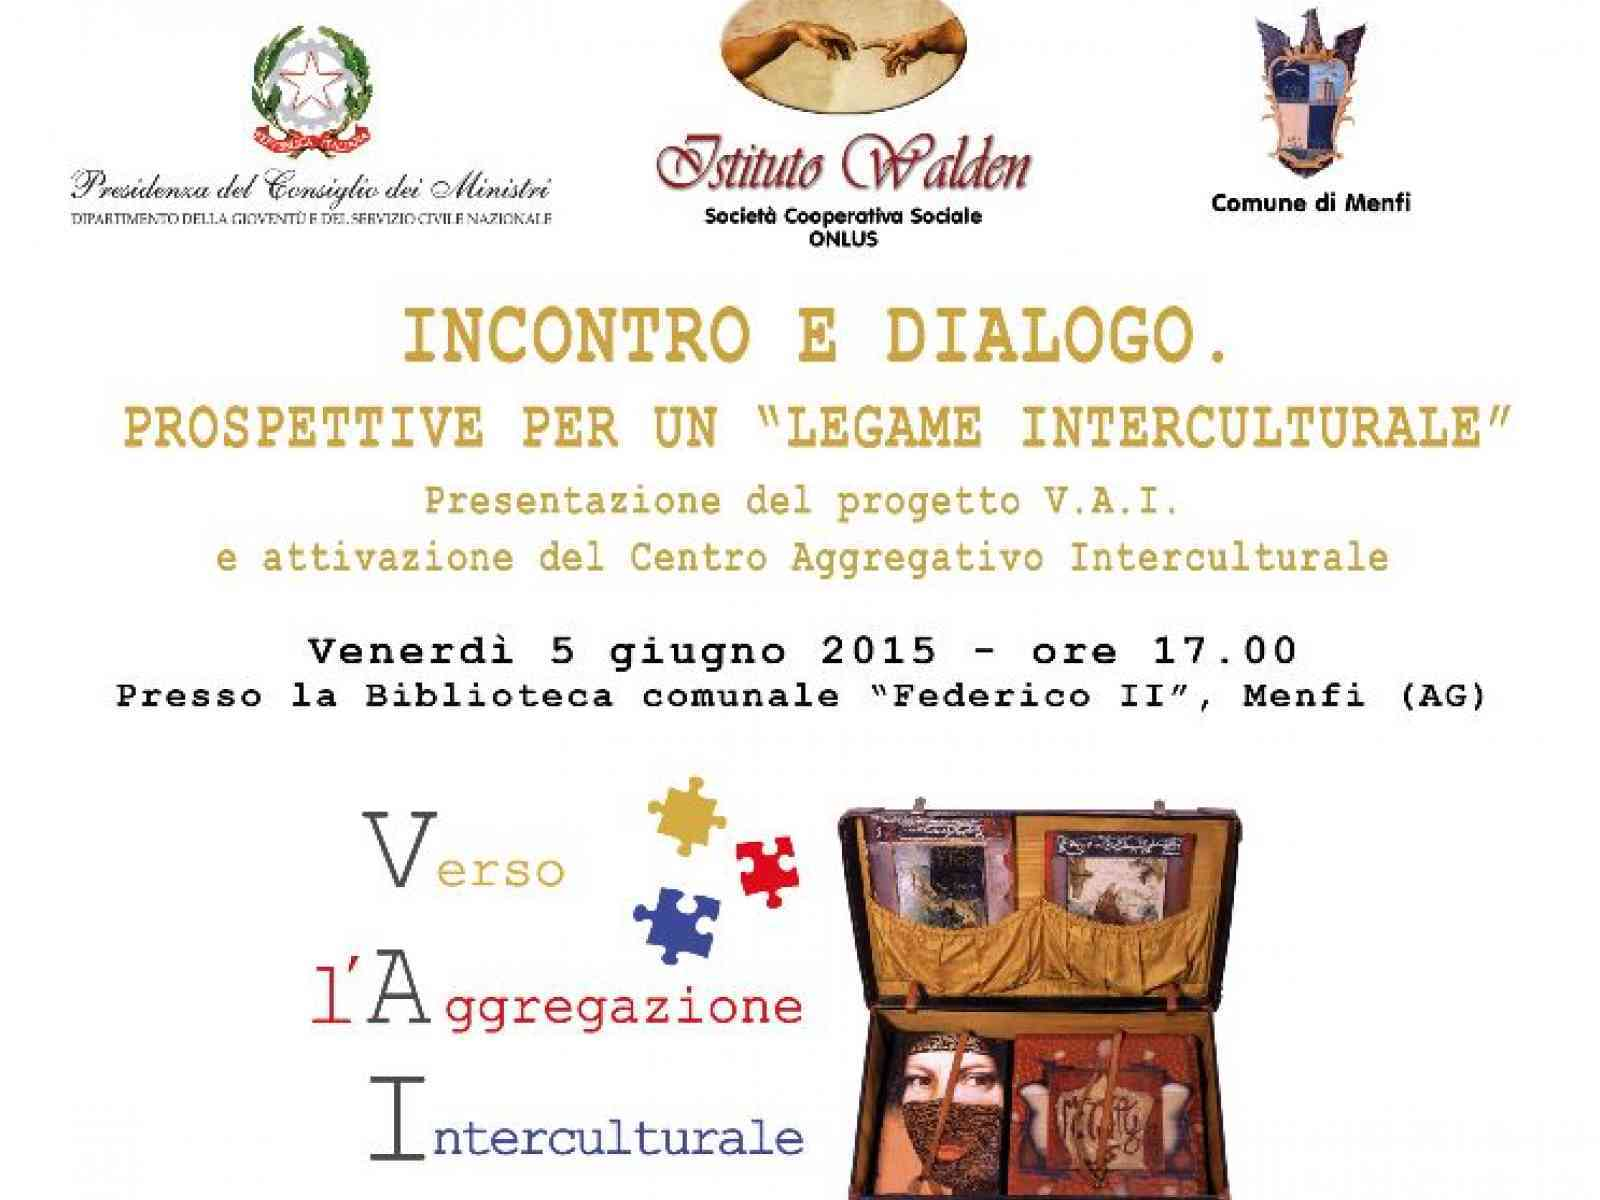 """Progetto """"V.A.I. (Verso l'Aggregazione Interculturale):il 05 Giugno la presentazione a Menfi"""